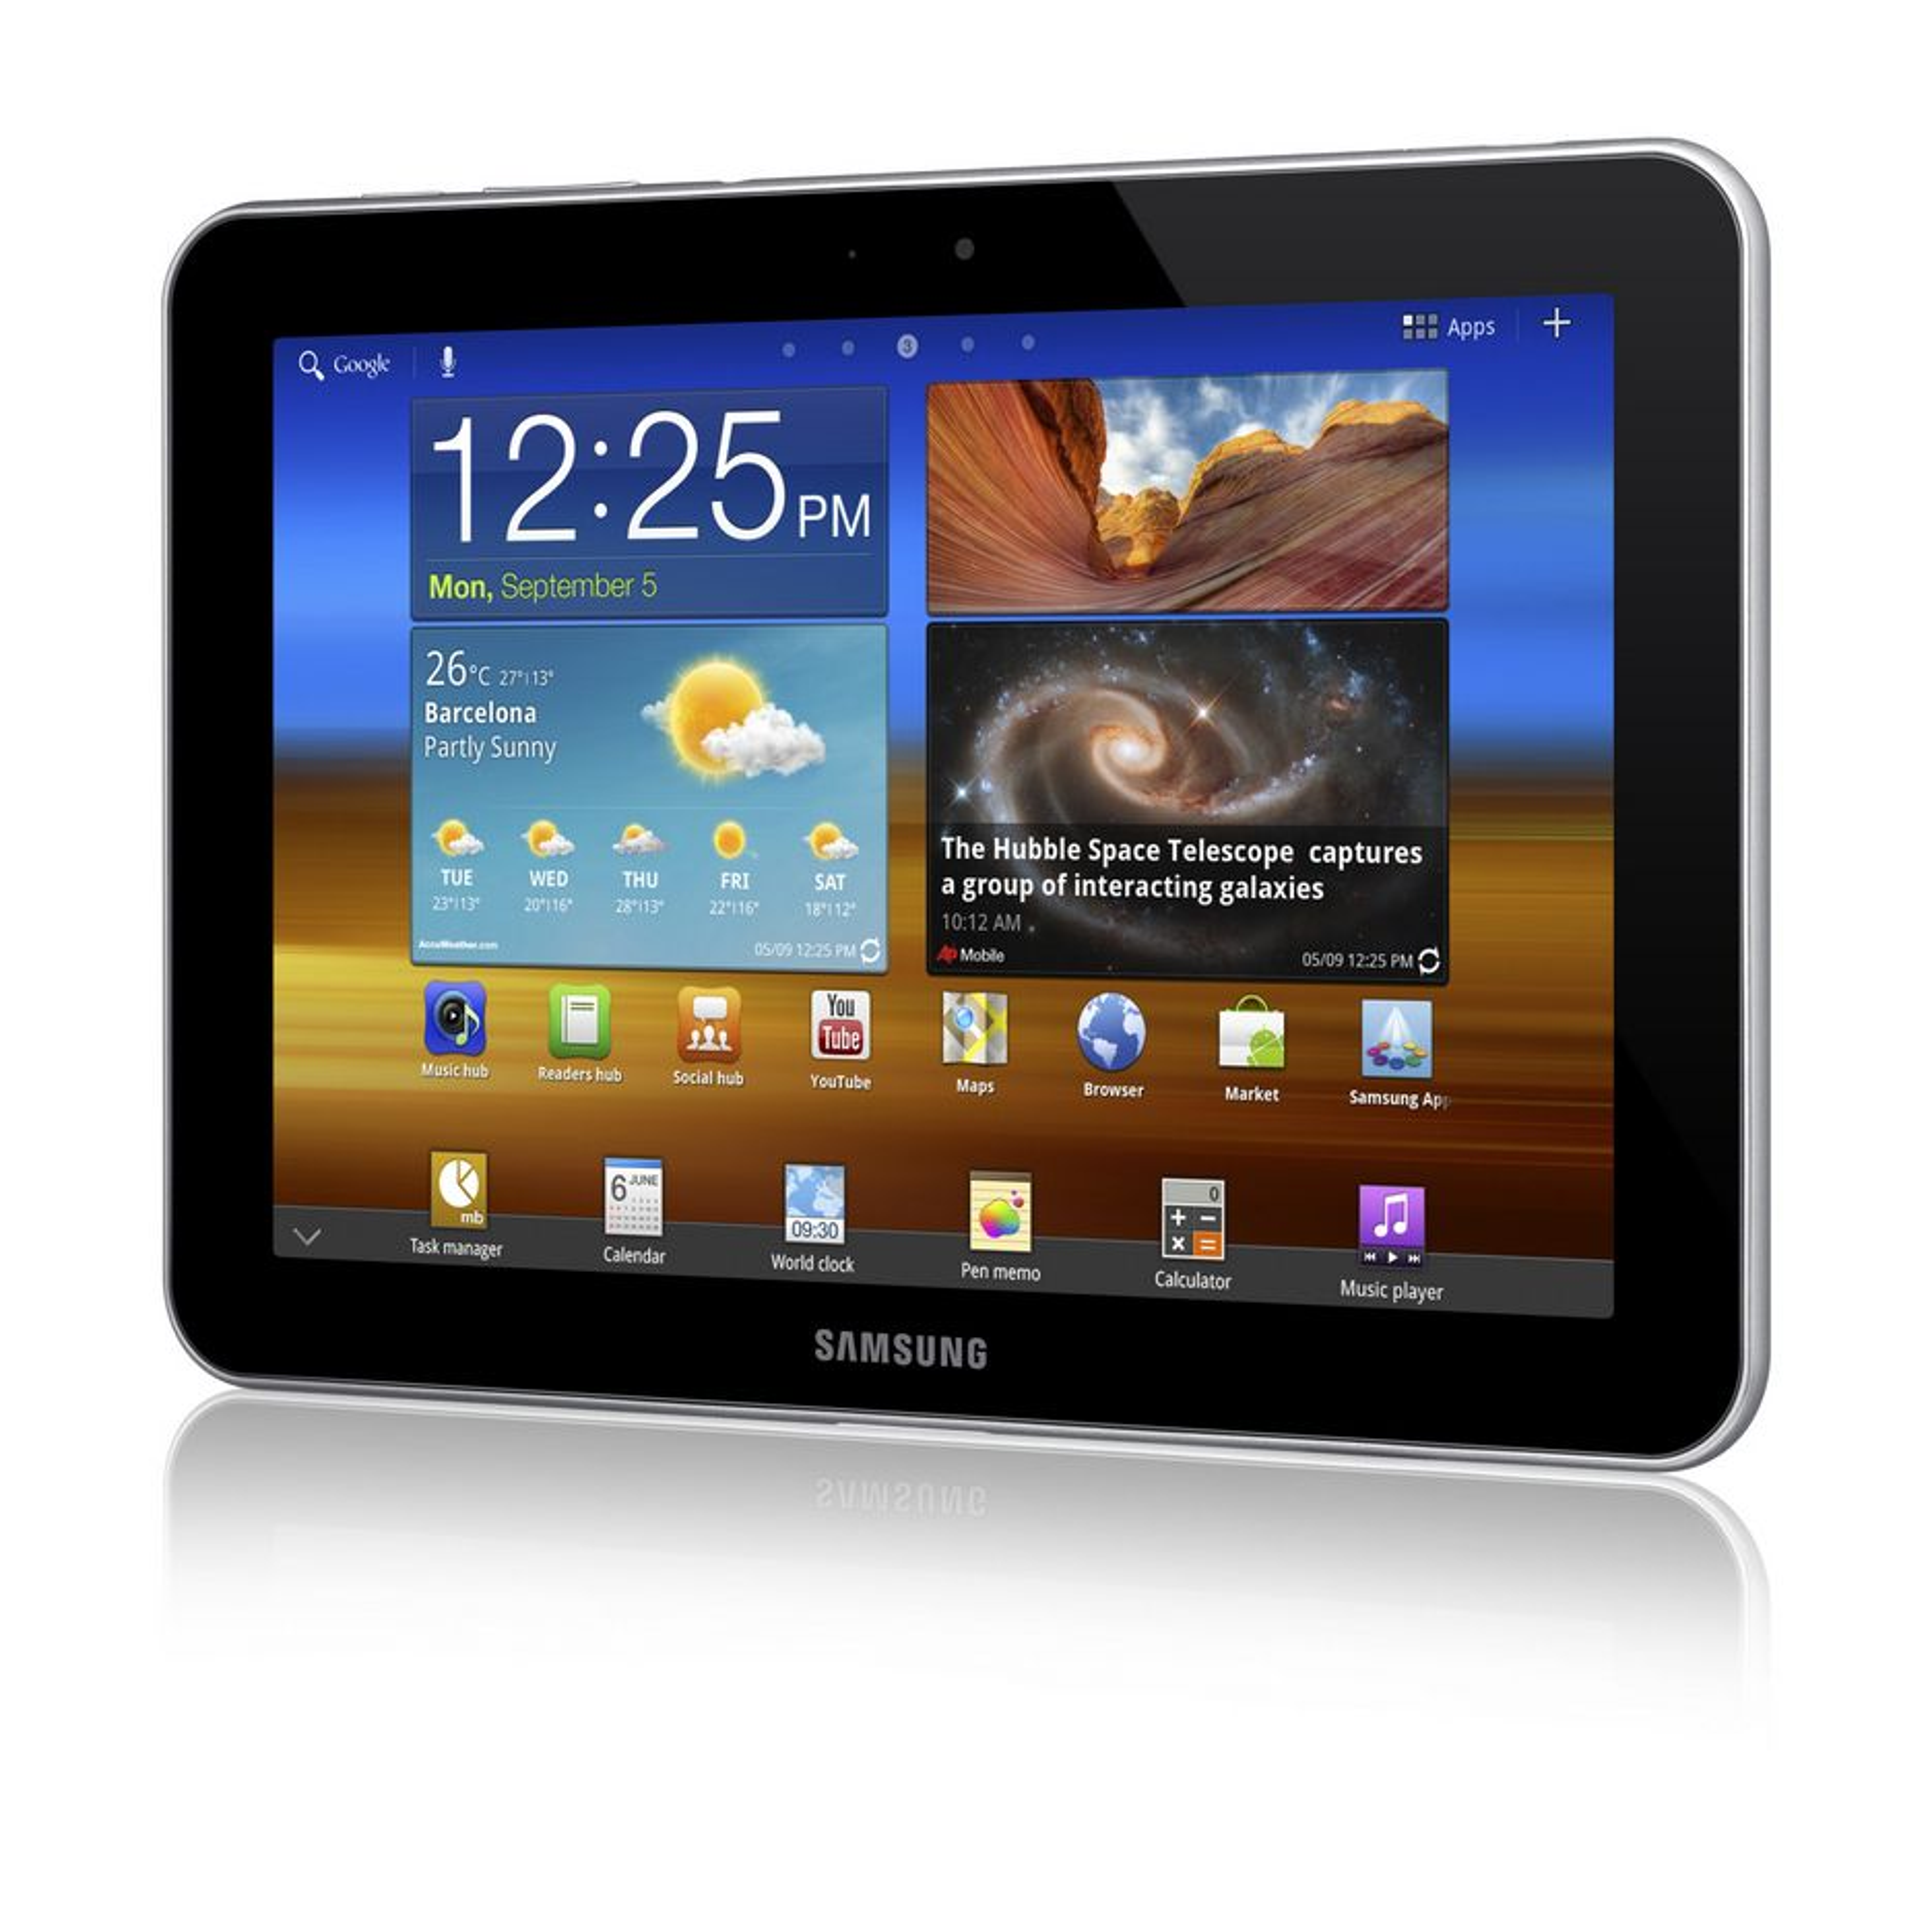 FØRST MED LTE: Samsungs nye nettbrett, Galaxy Tab 8.9 LTE, er først med LTE.